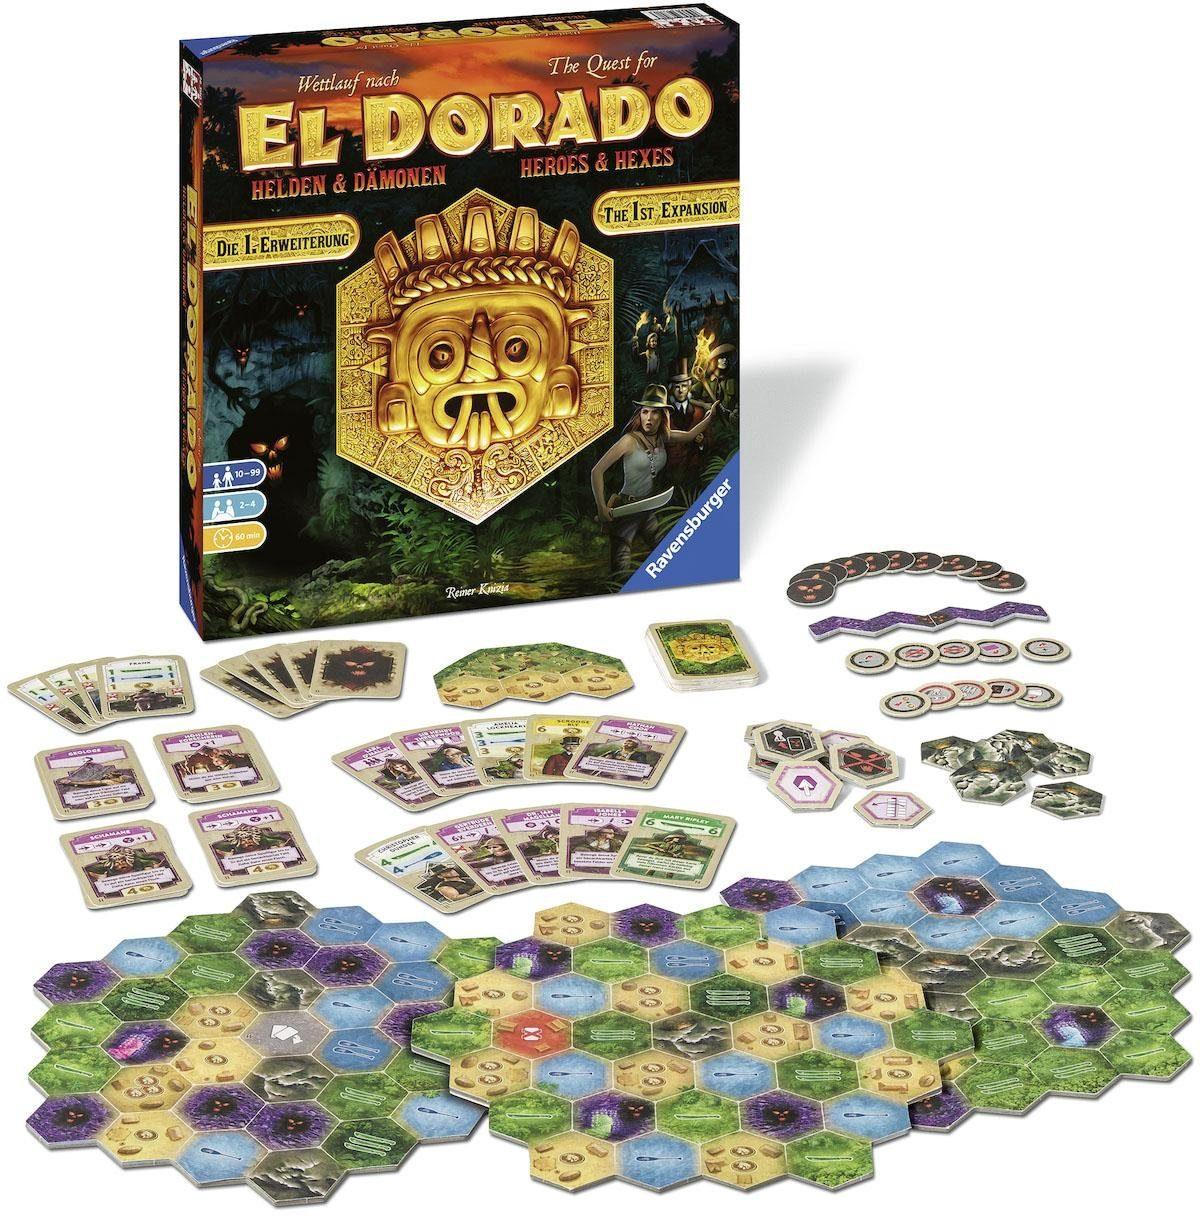 Brettspiel Zusatz, »Wettlauf nach El Dorado Helden & Dämonen - 1. Erweiterung«